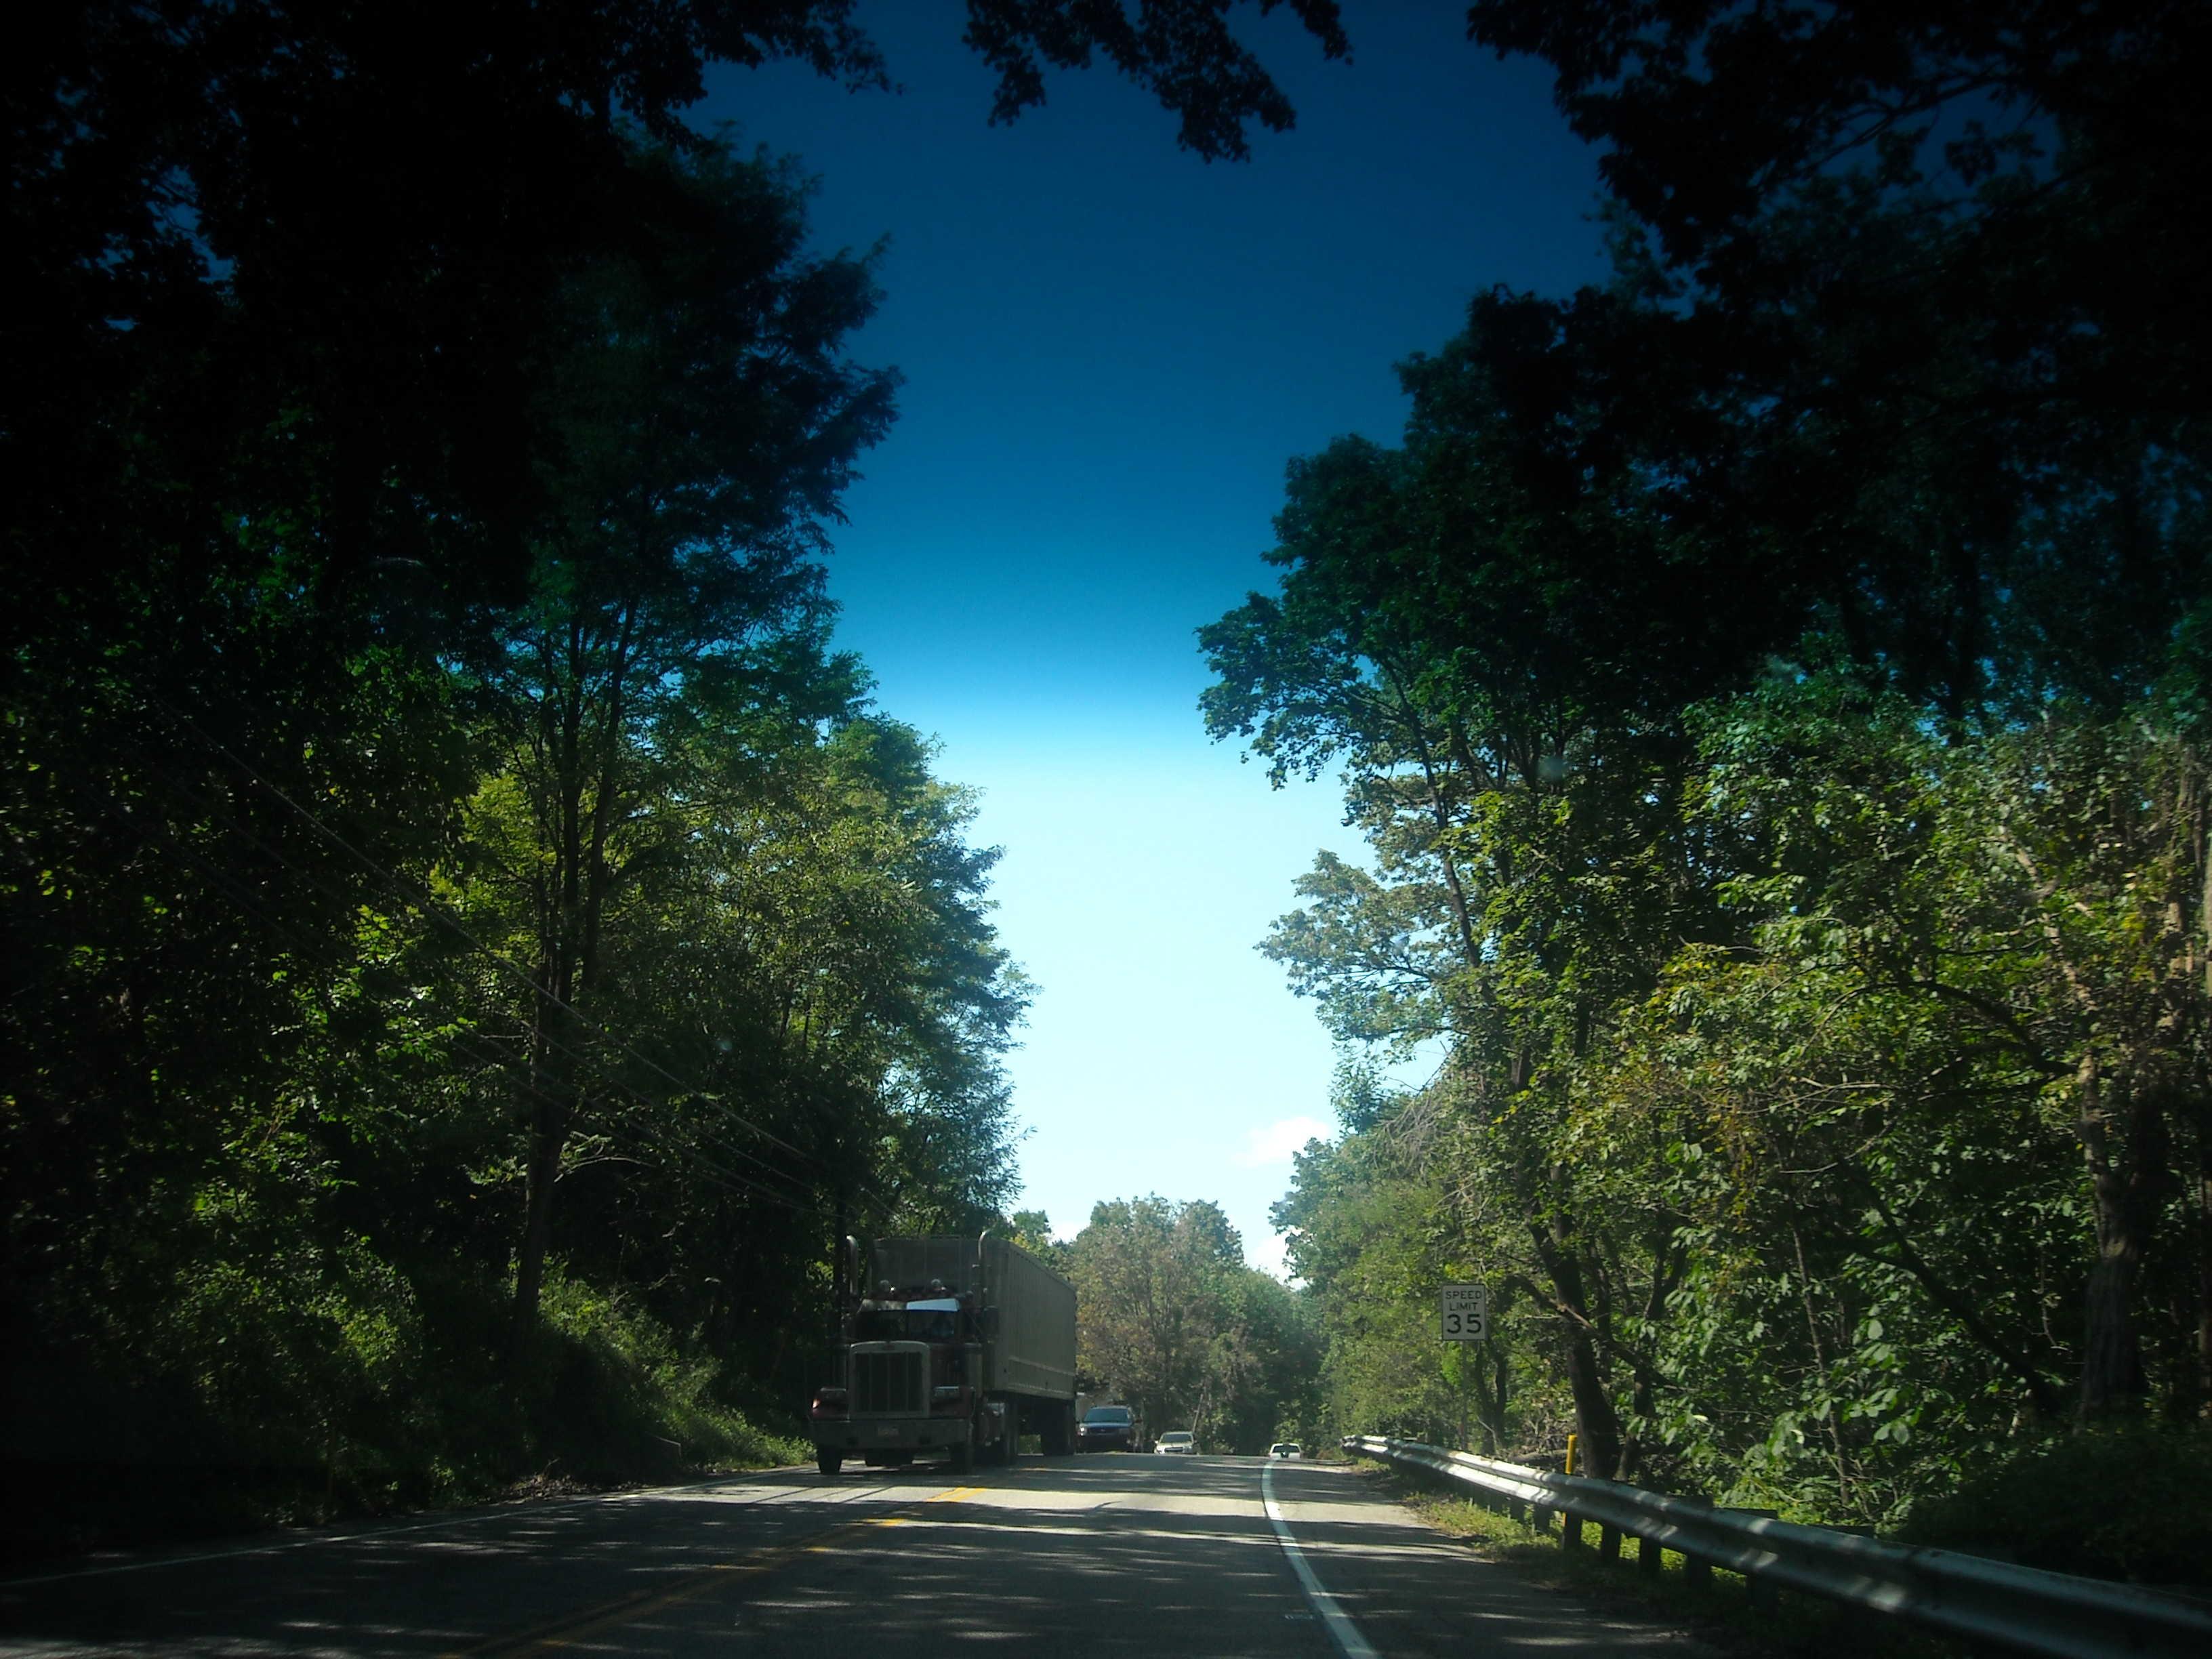 sur la route Pennsylvanie